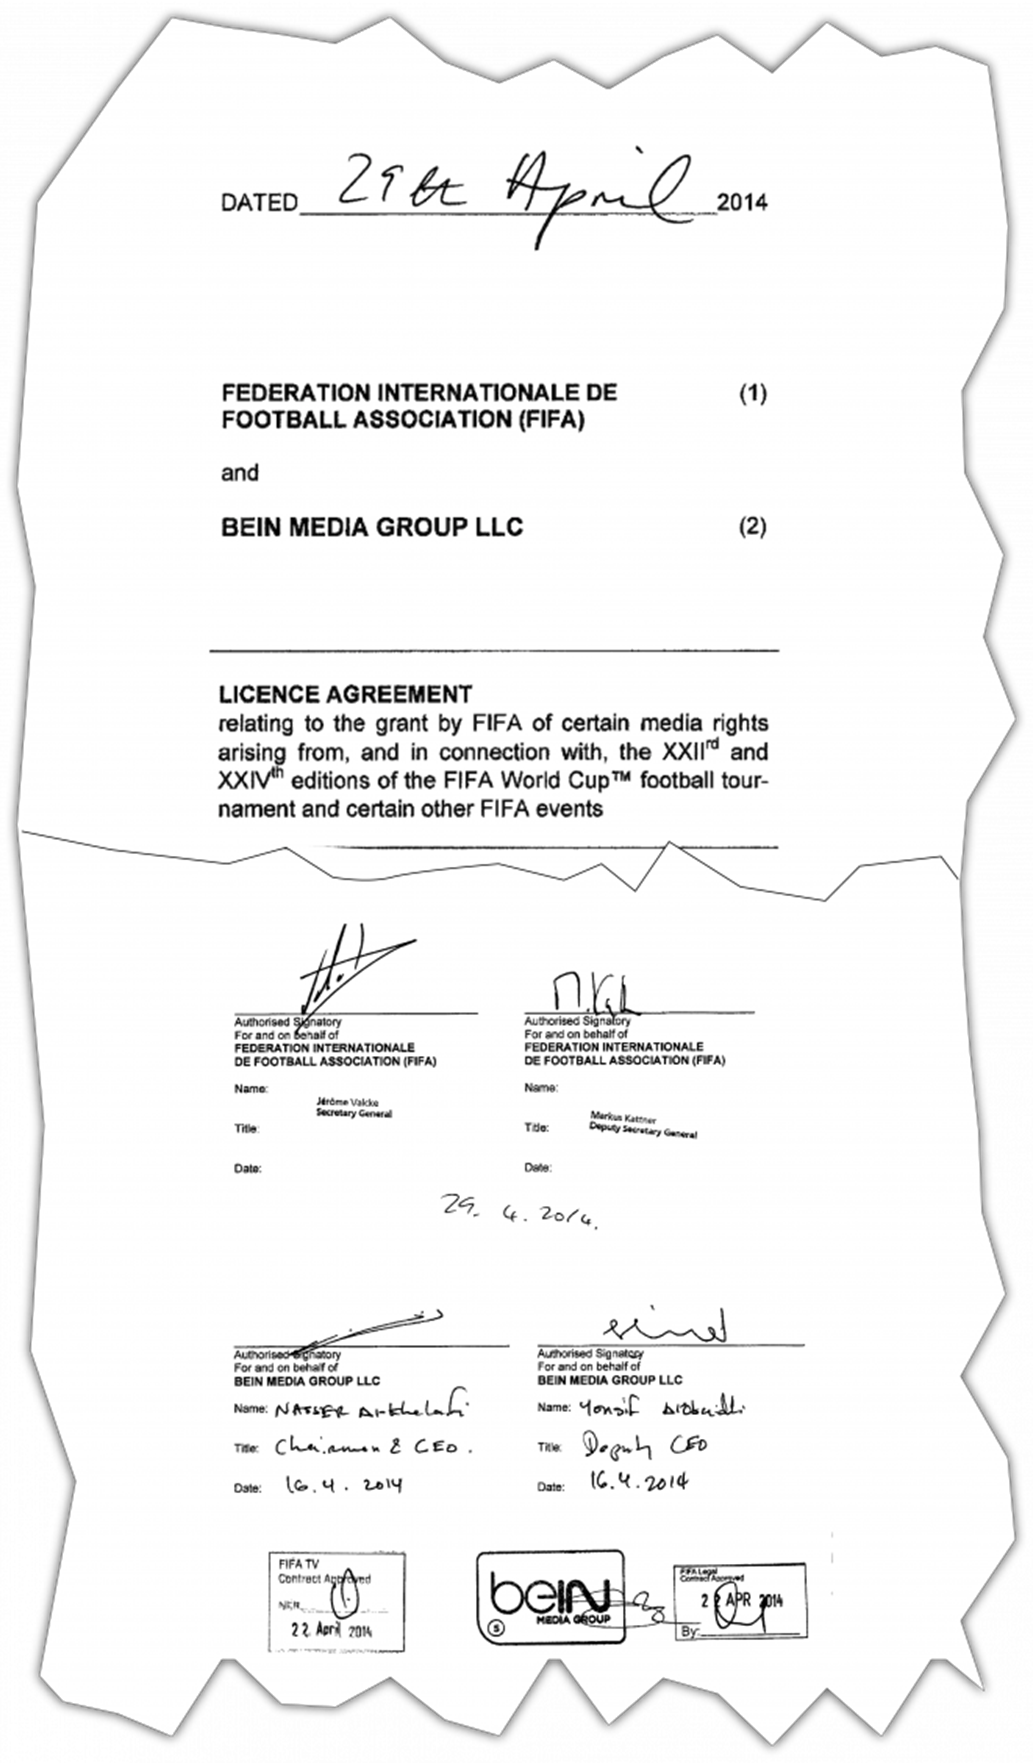 عقد شراء حقوق مونديالي 2026 و2030 الموقَّع في التاسع والعشرين من أبريل 2014 من قبل ممثلي BeIN والفيفا